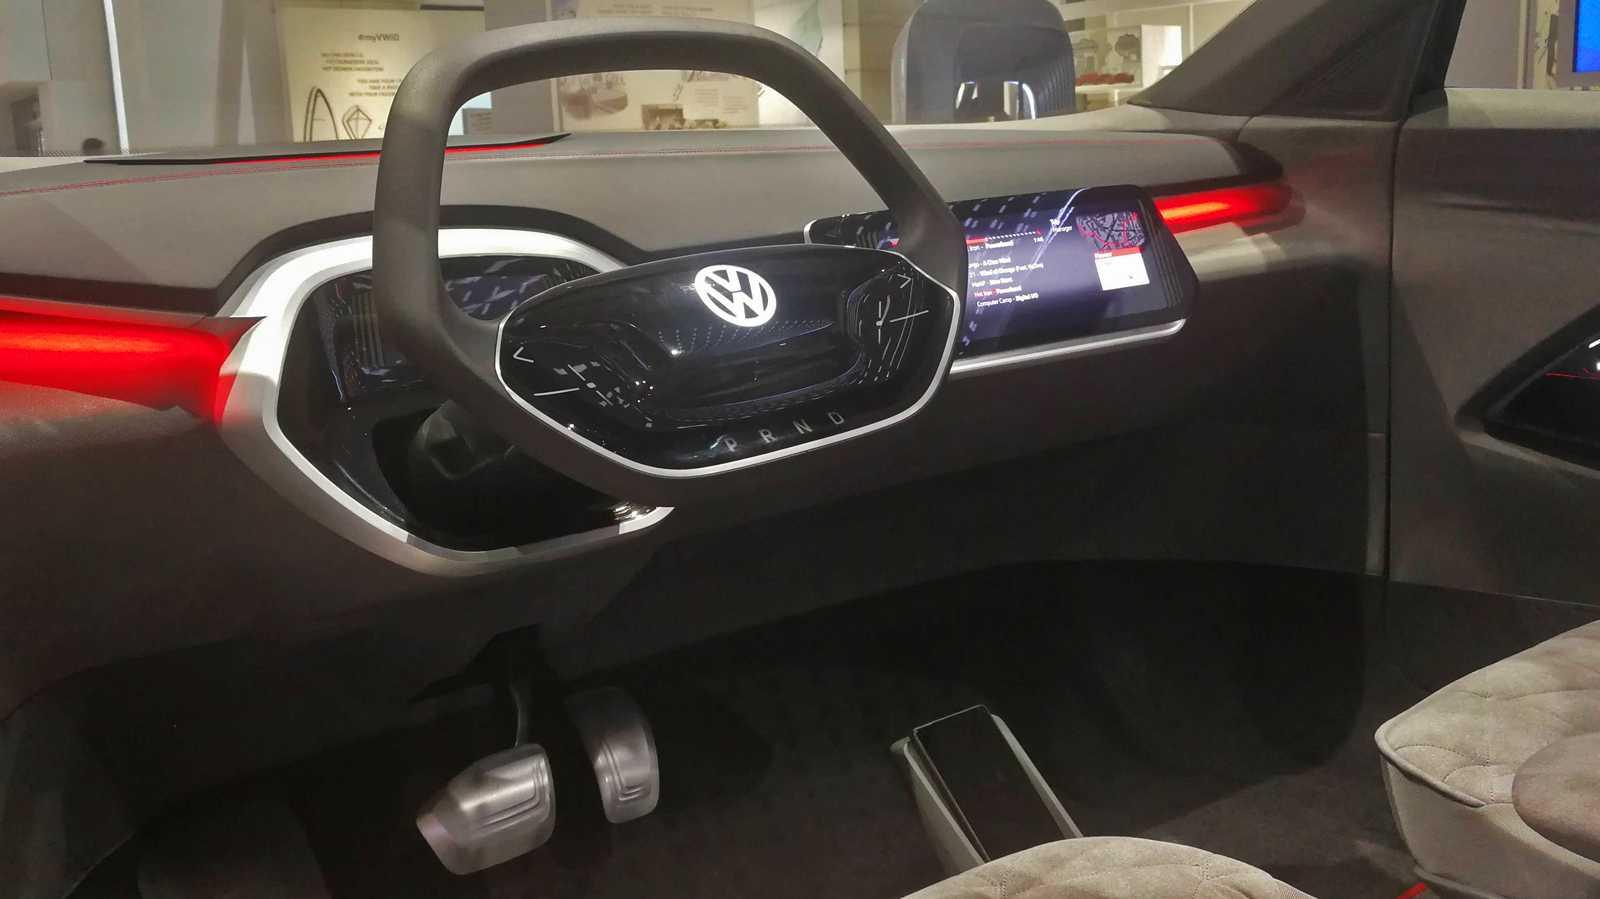 Patente: Broadcom geht gegen Volkswagen vor